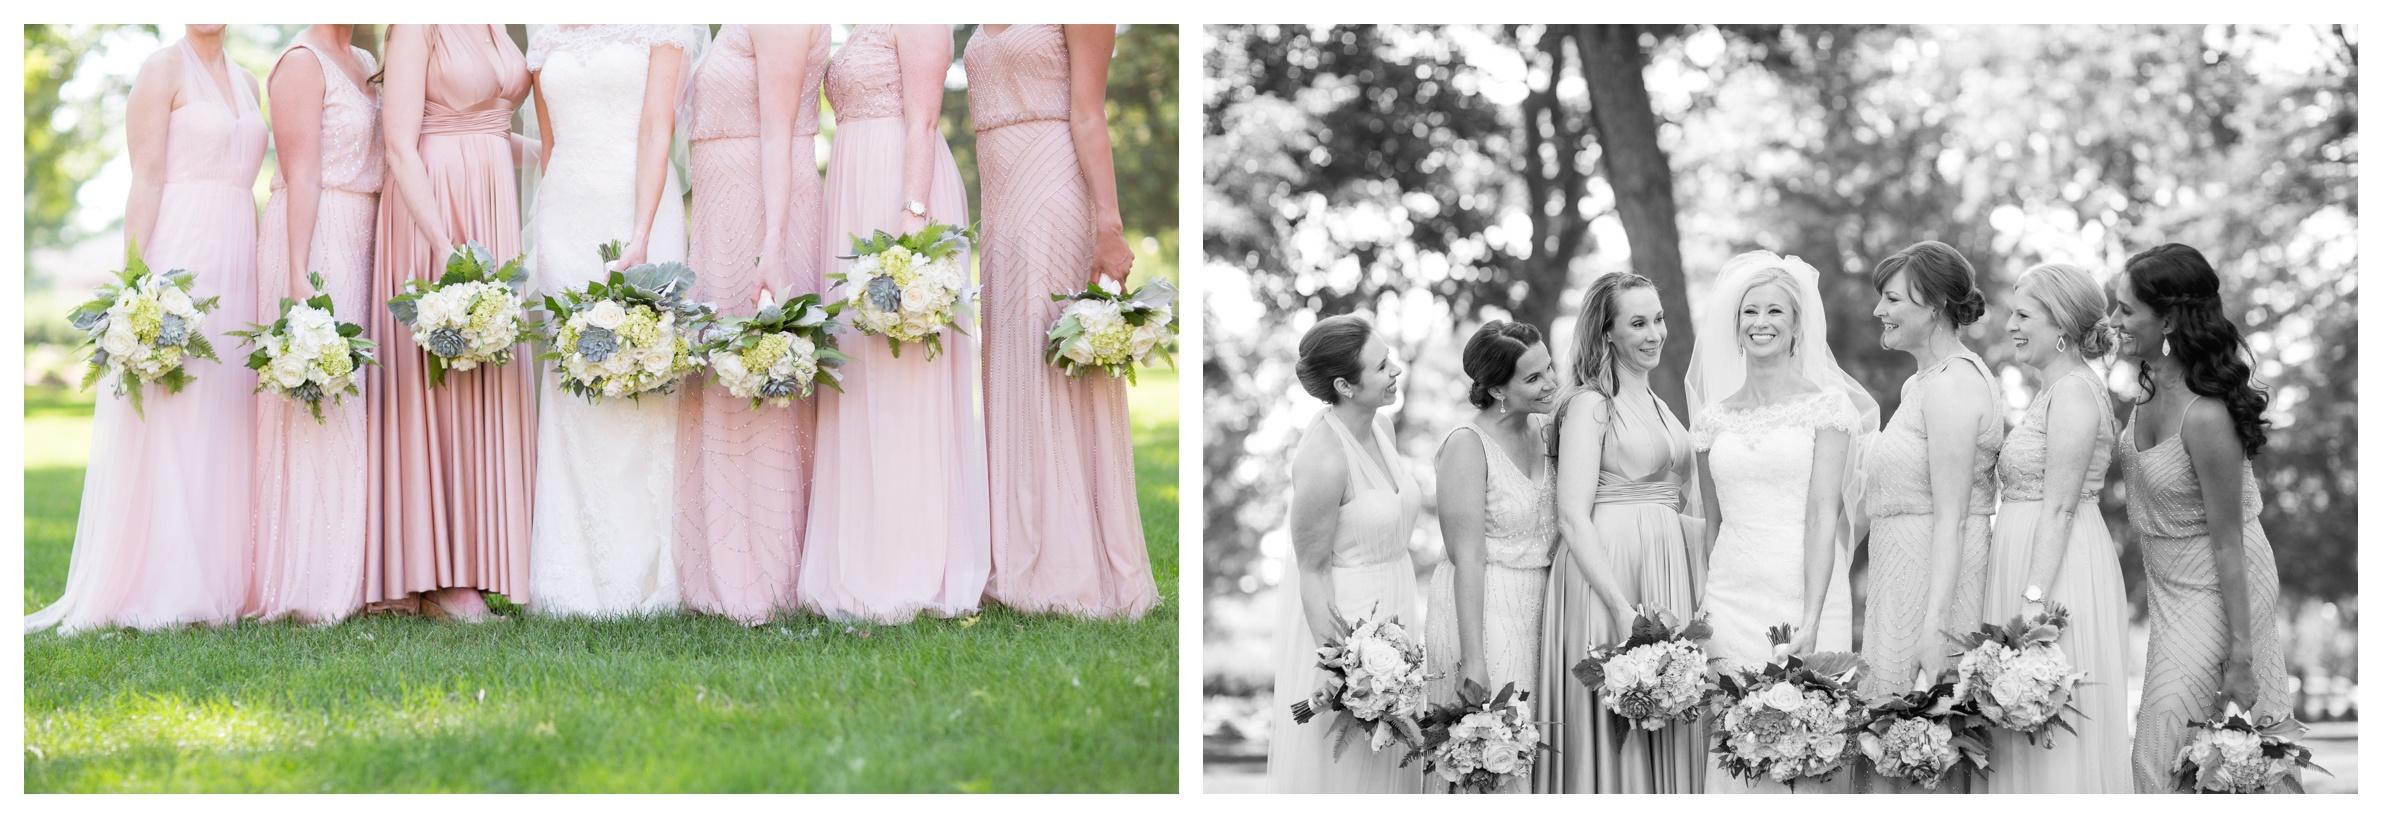 green-bay-country-club-wedding